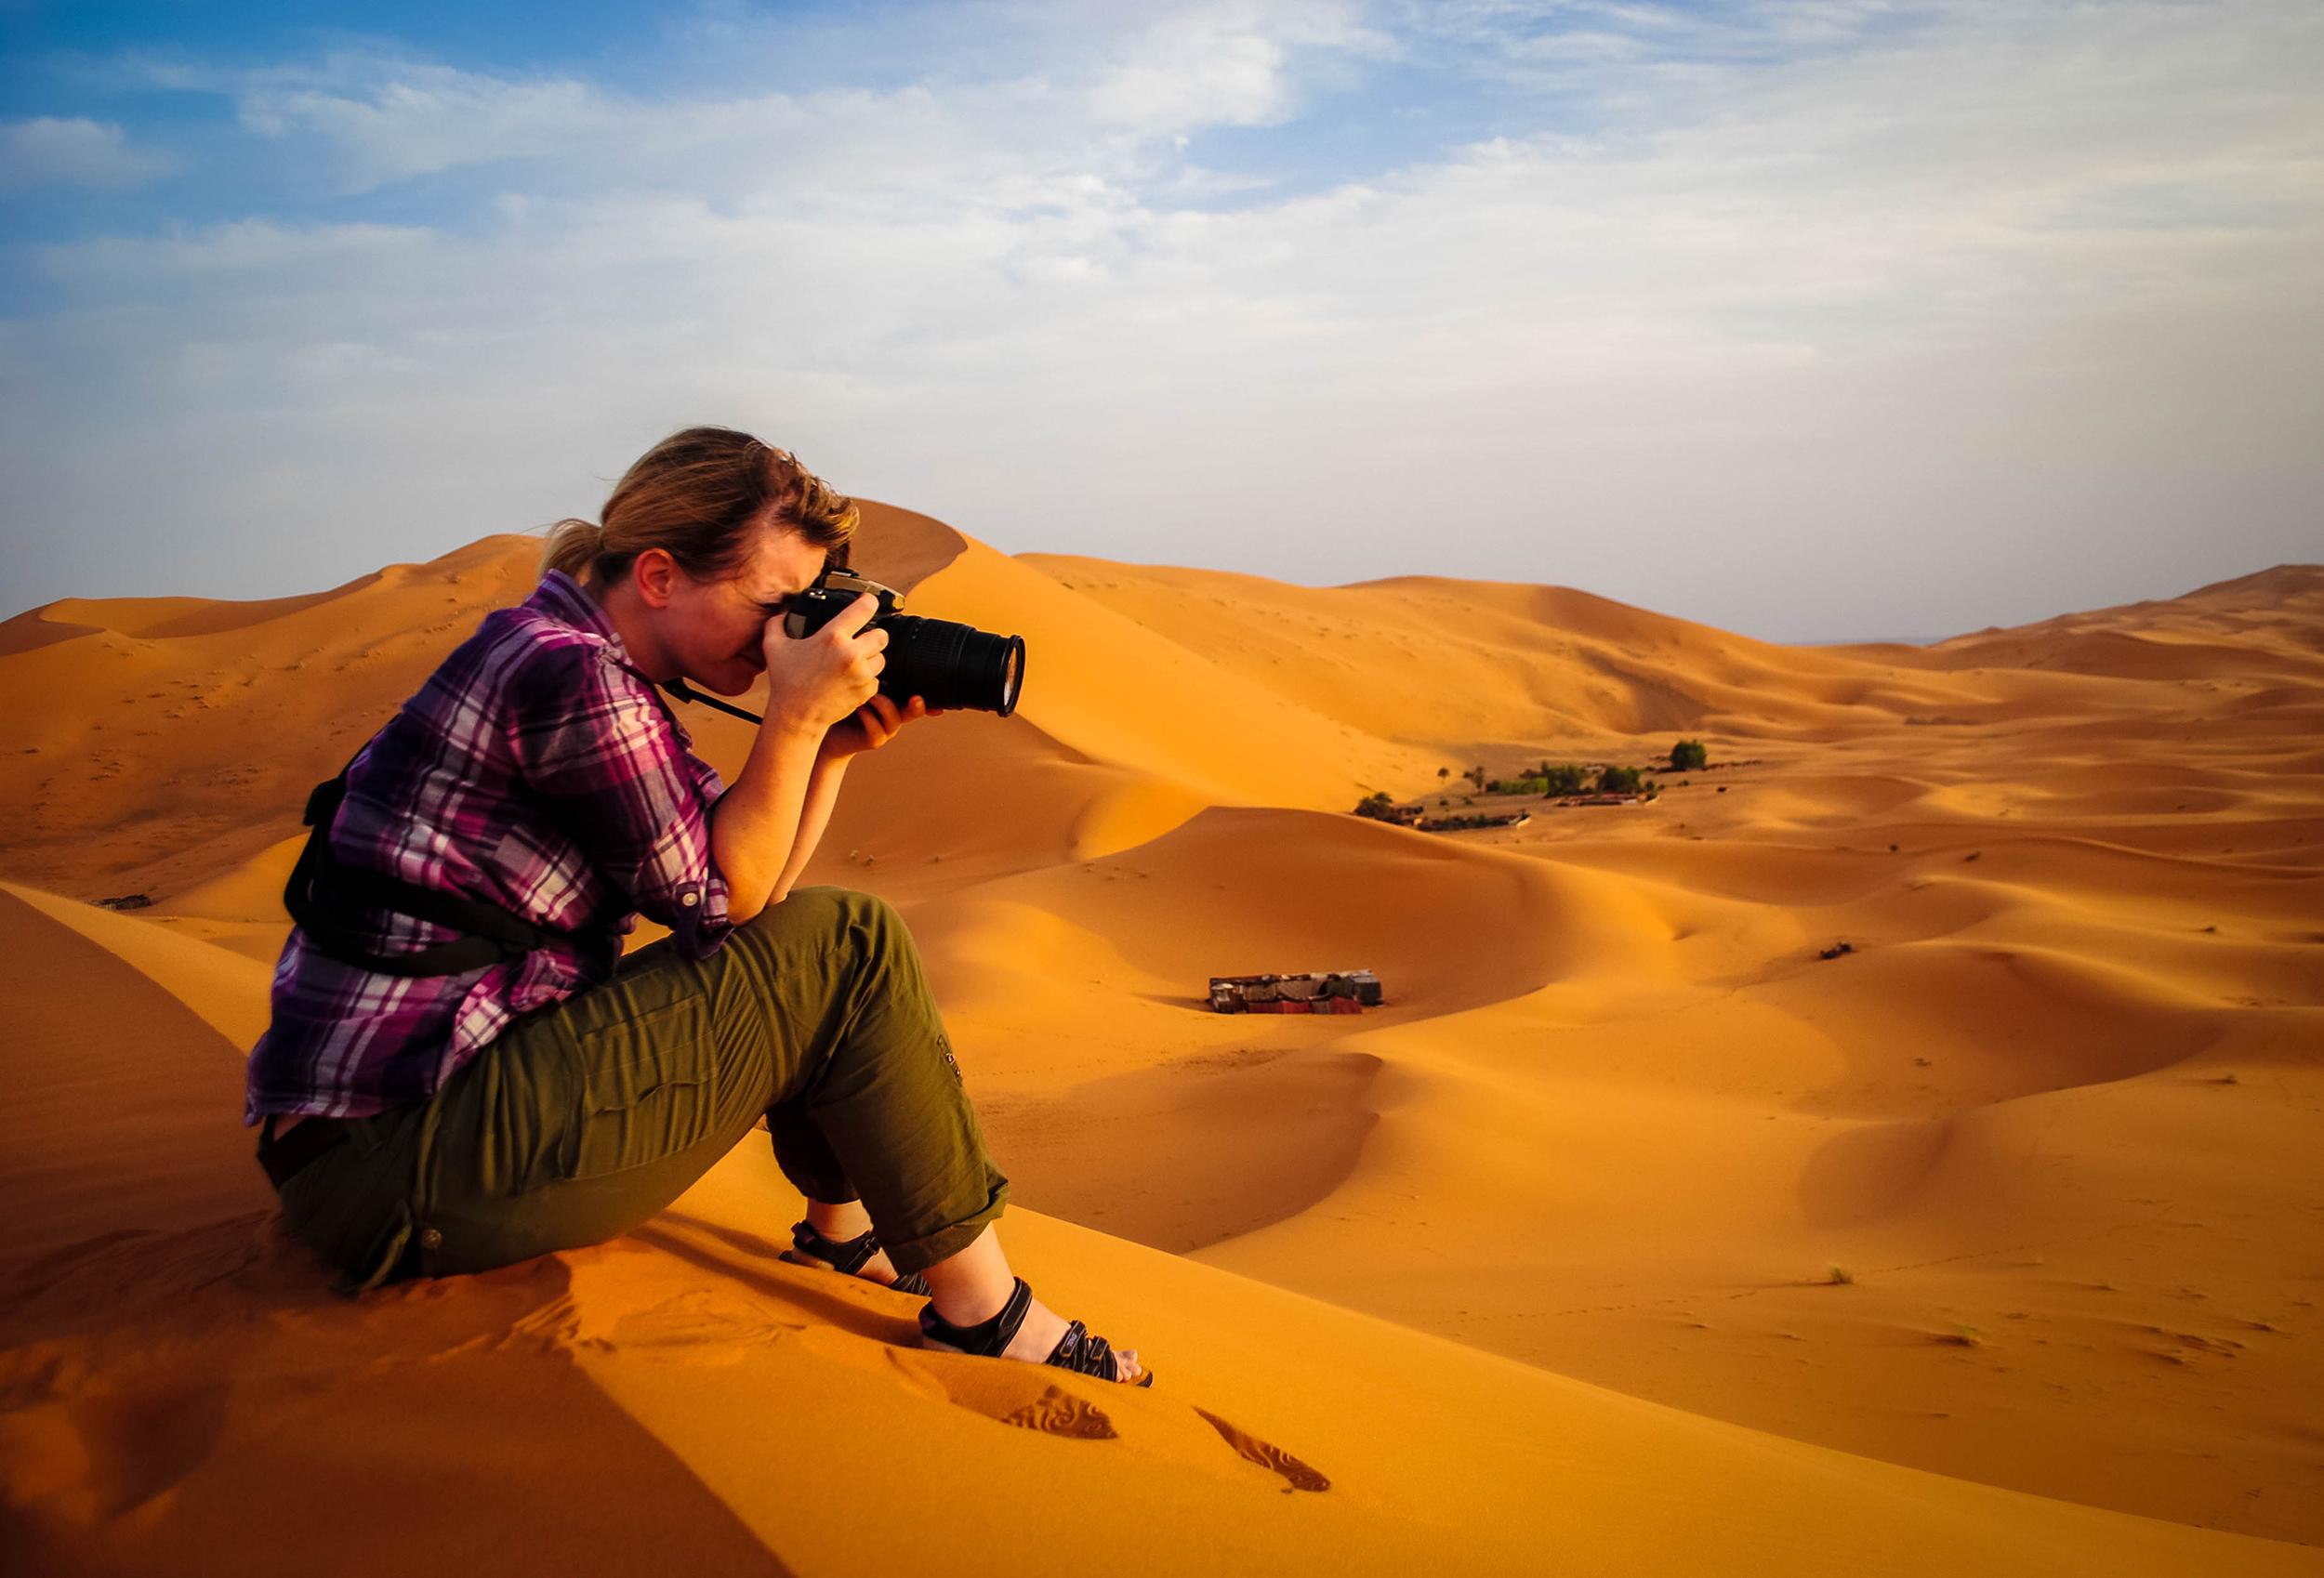 2015-07-04_5597a1a645cea_KirstenSmith_Morocco.jpg